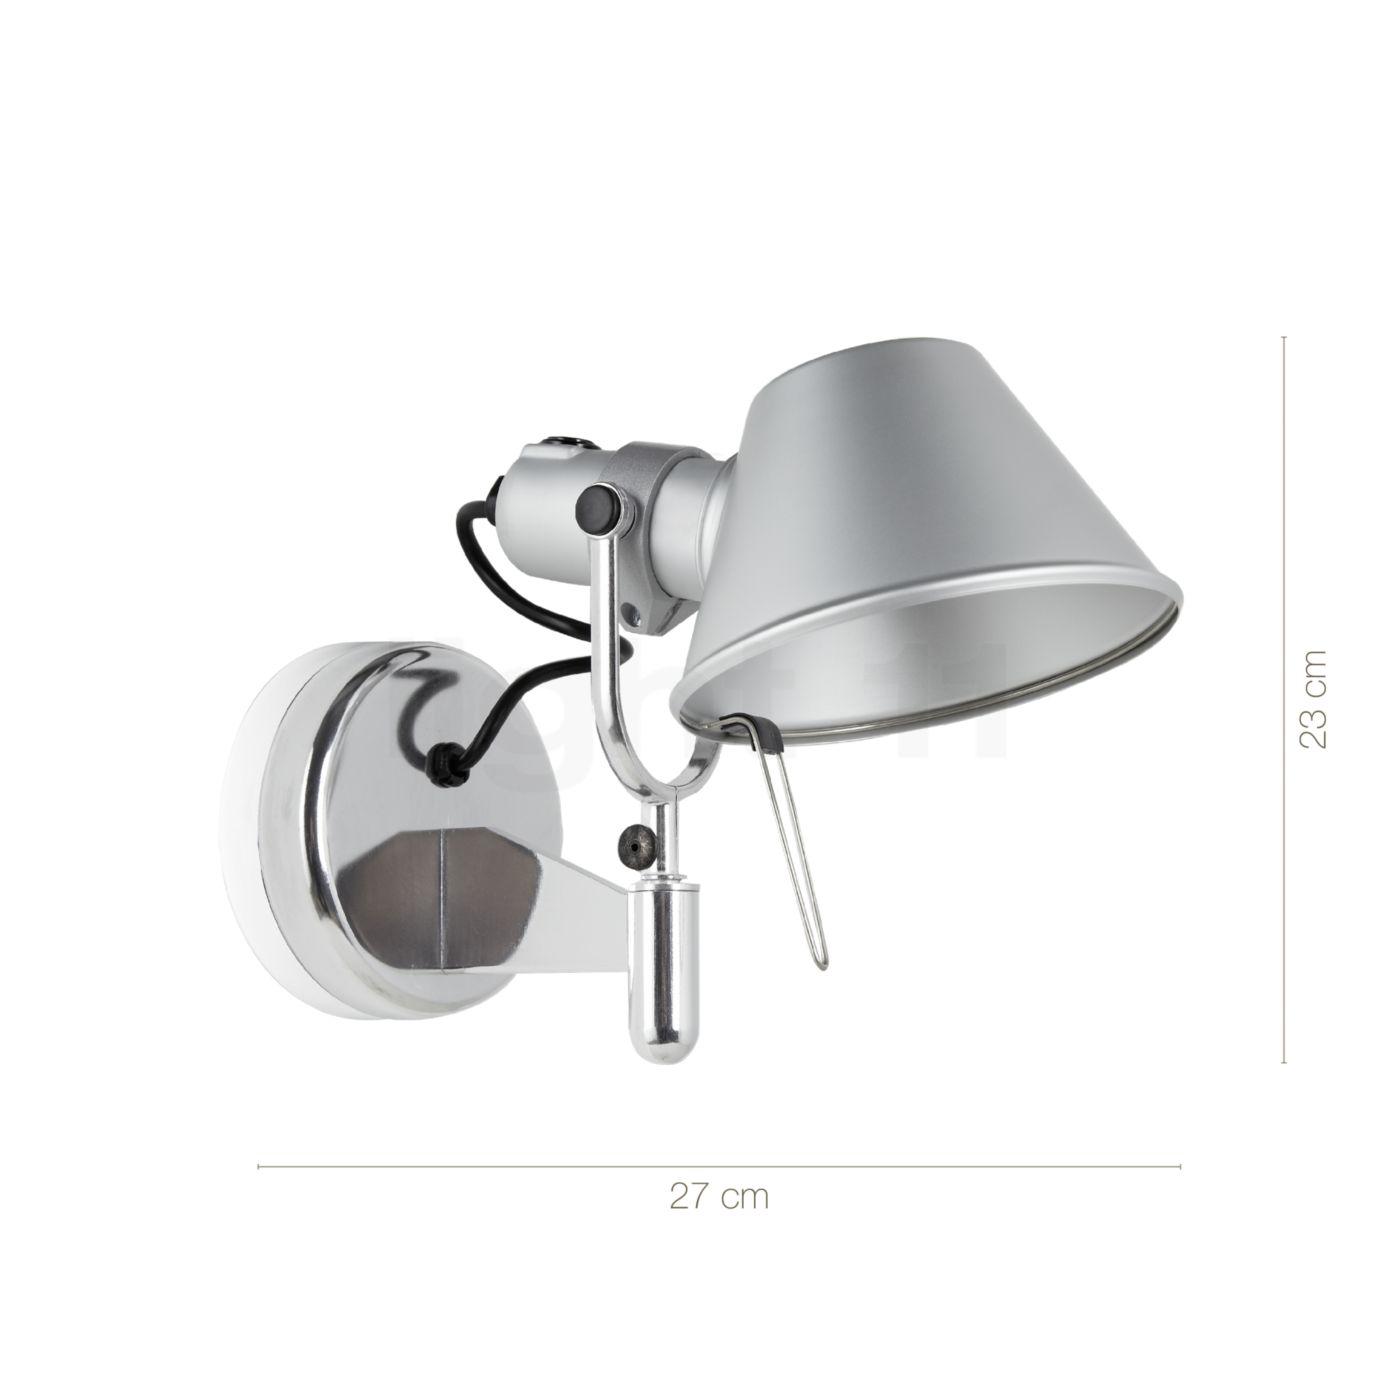 Lampe De Lecture Artemide Tolomeo Faretto LED Avec Interrupteur